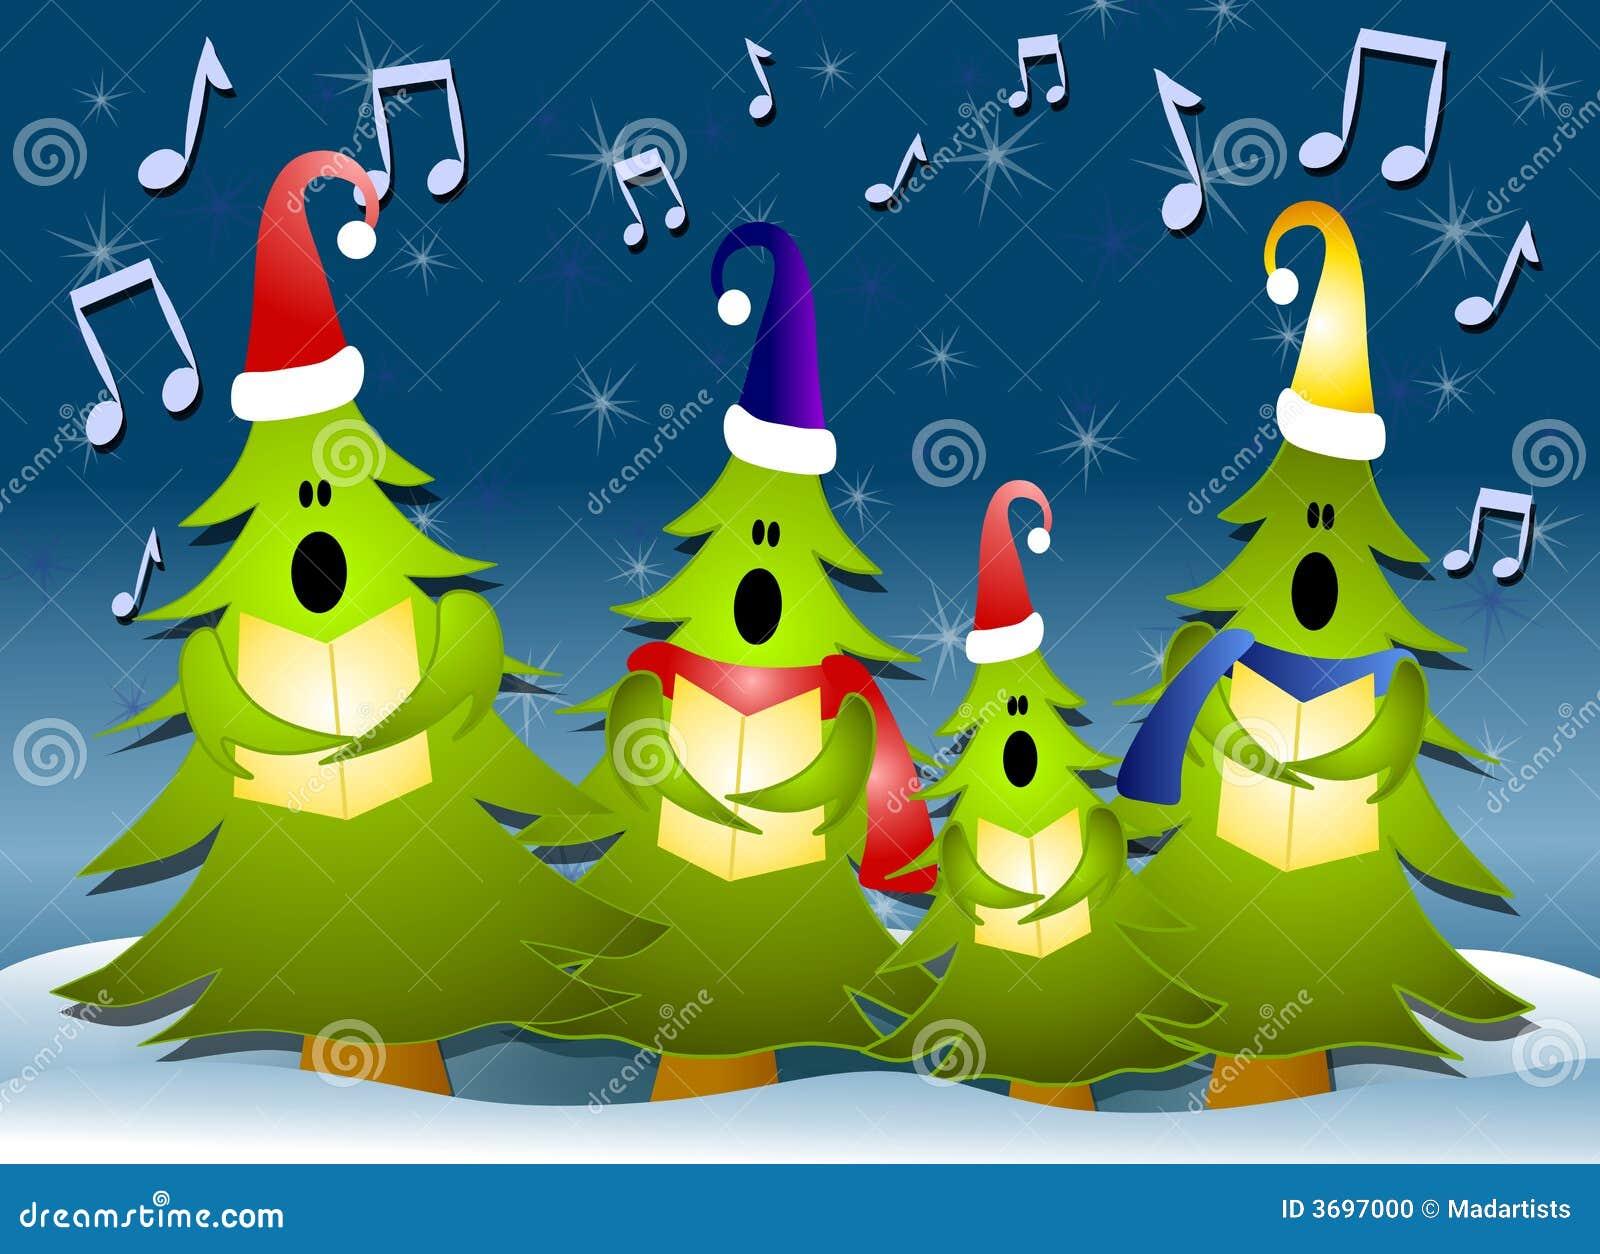 Het Zingen Van Carolers Van De Kerstboom In Sneeuw Stock